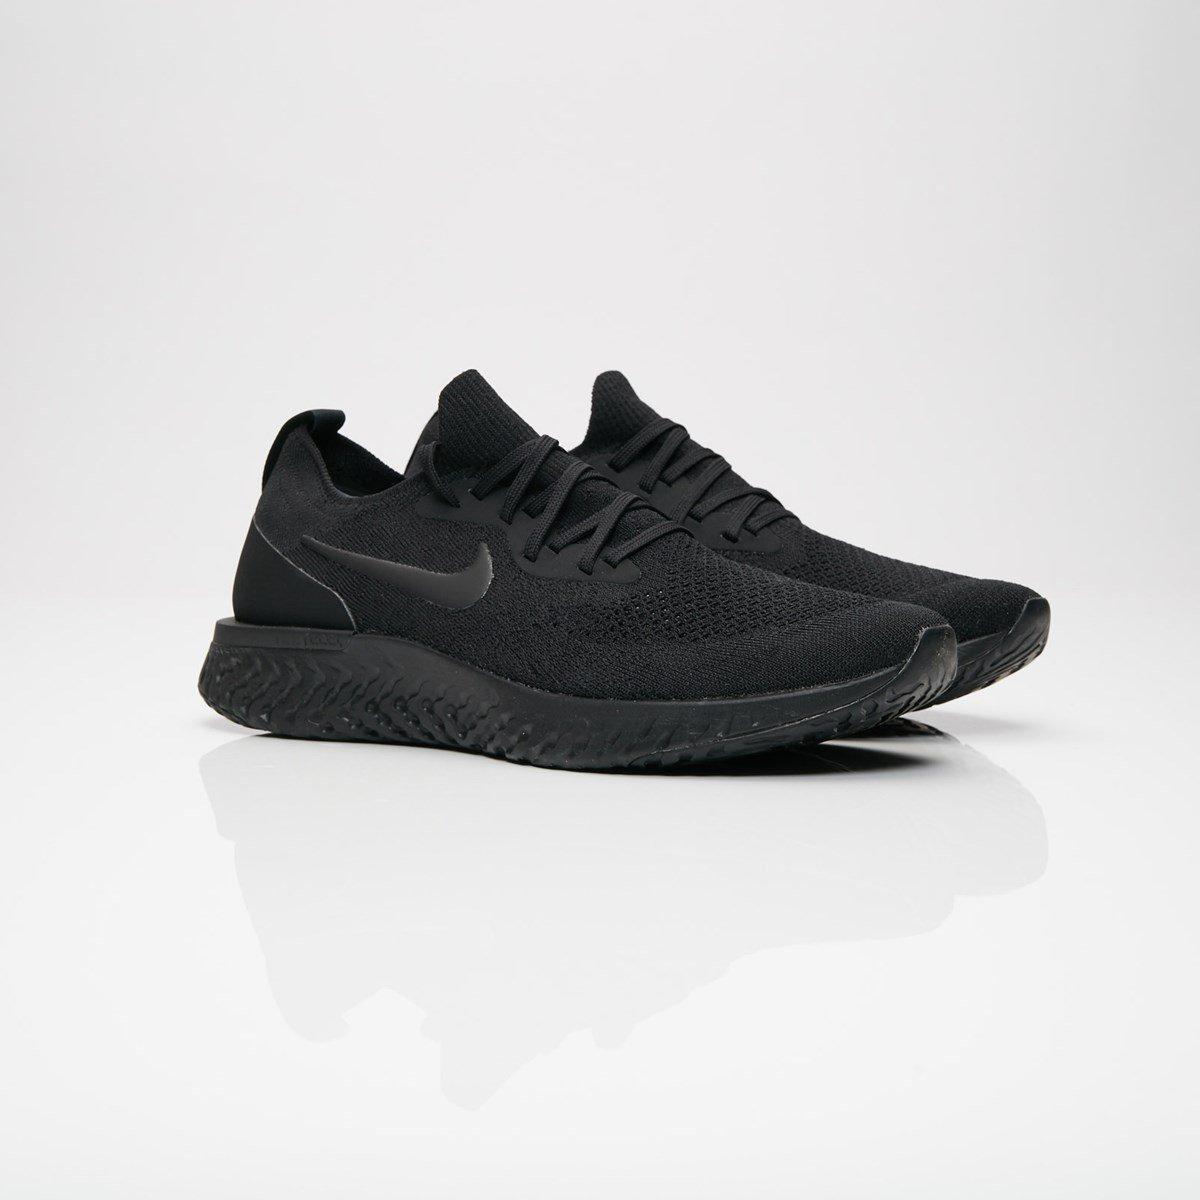 nike epic react flyknit aq0067 003 sneakers   streetwear på nätet sen 1999.  SNEAKERSNSTUFF 14733f9ed953